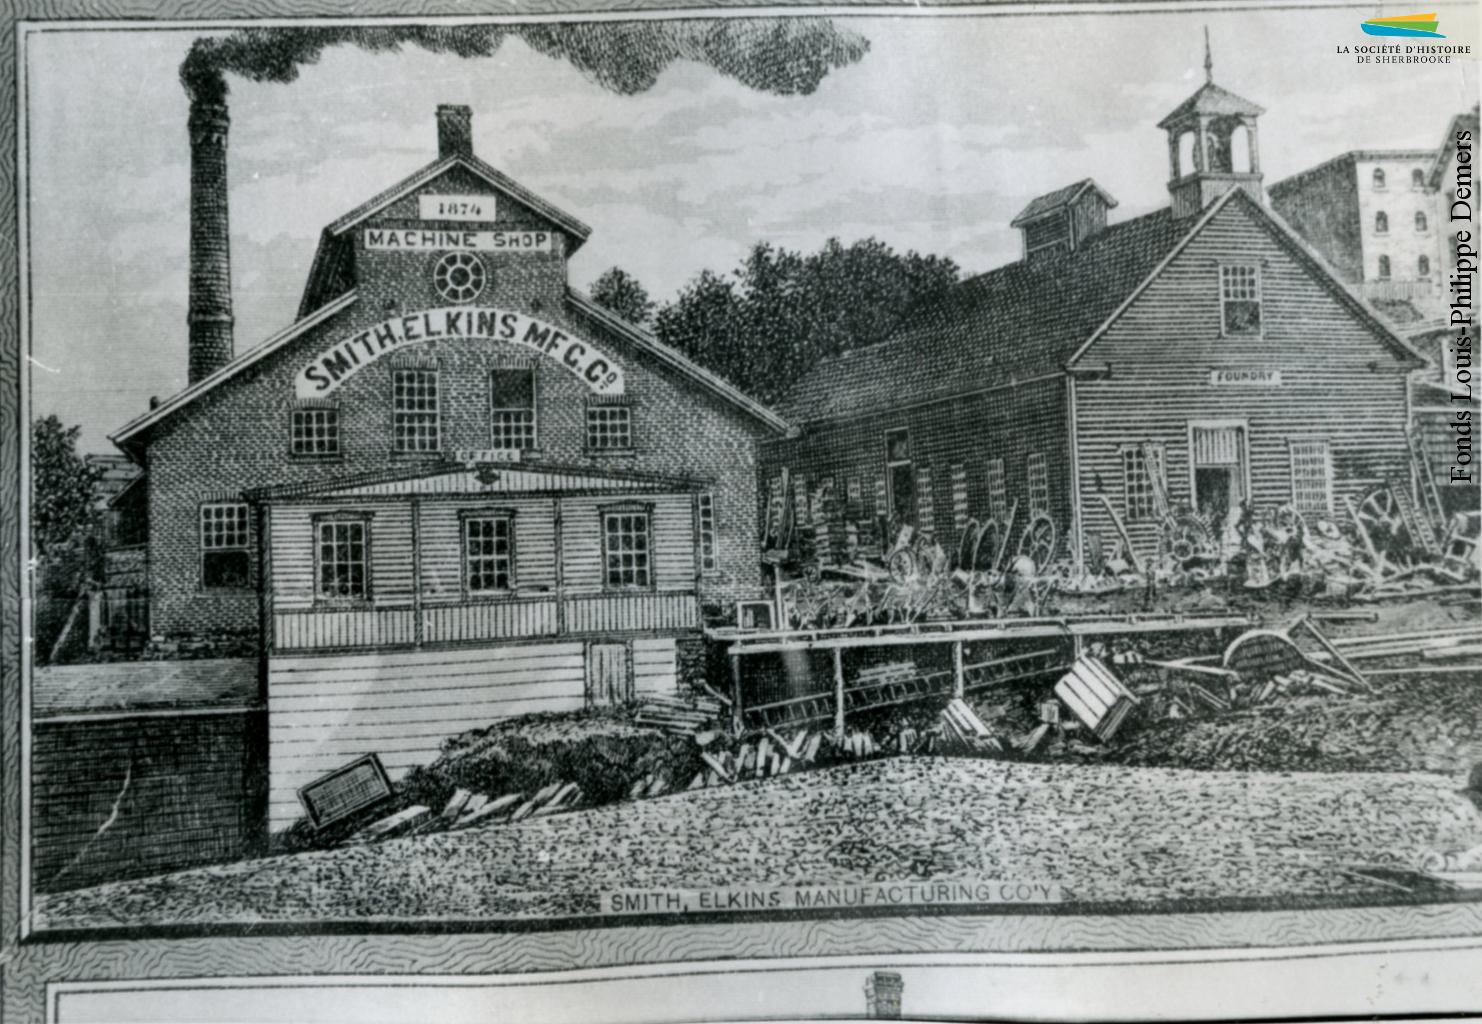 Un dessin représentant les installations de la Smith Elkins Manufacturing Company, vers 1886. L'usine est située entre la rue Bank et la rivière Magog.